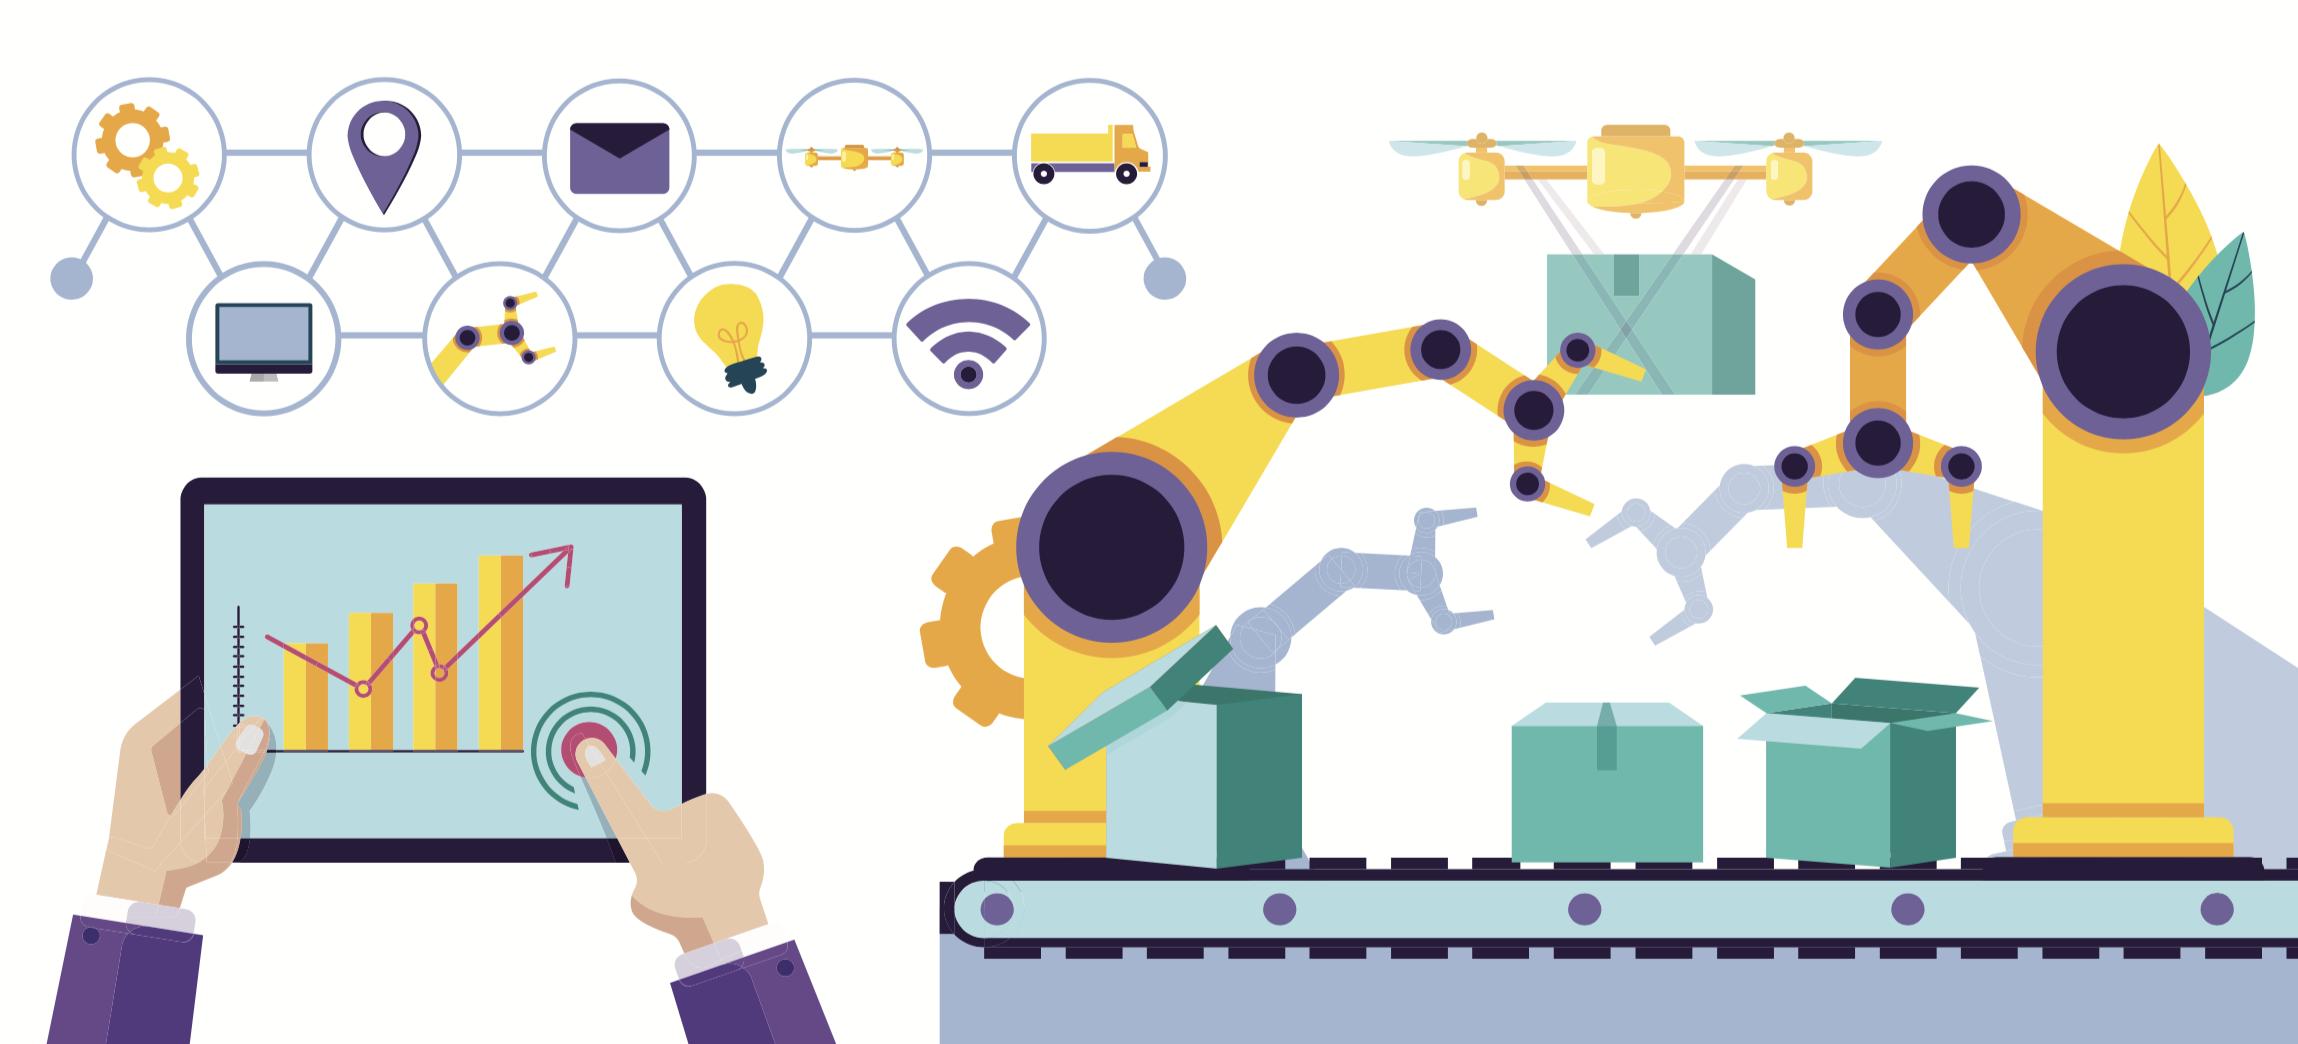 機械学習 データ前処理 方法 練習問題 実践編 解説